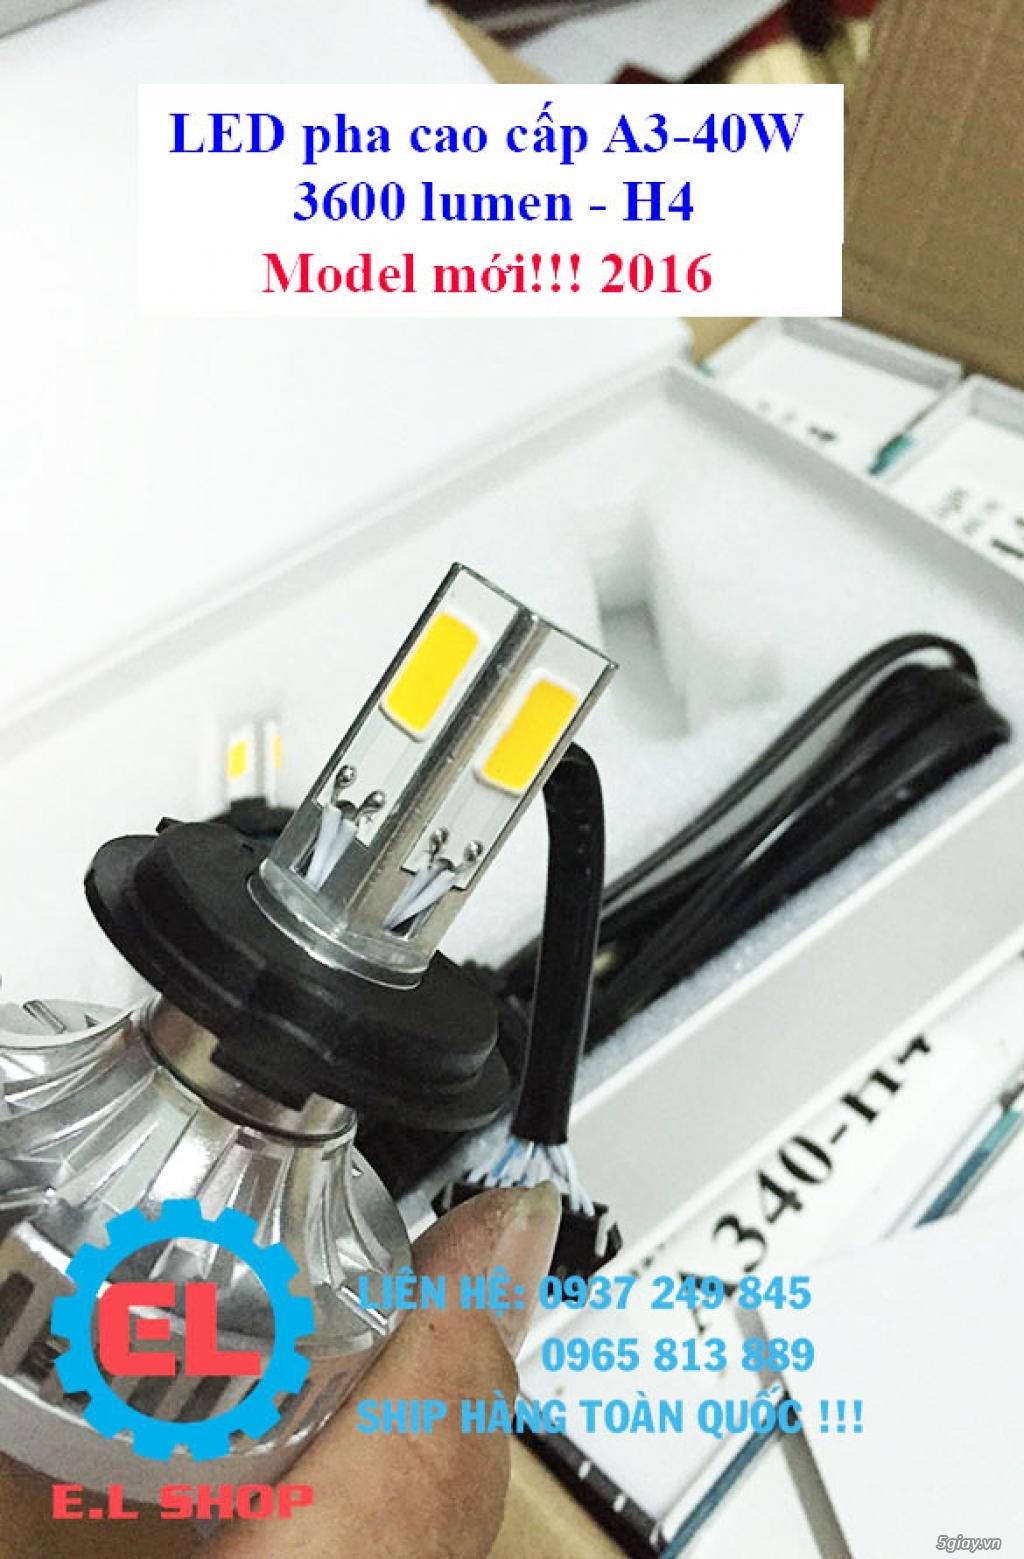 E.L SHOP - Đèn Led siêu sáng xe ô tô: XHP70, XHP50, Philips Lumiled, gương cầu xenon... - 27